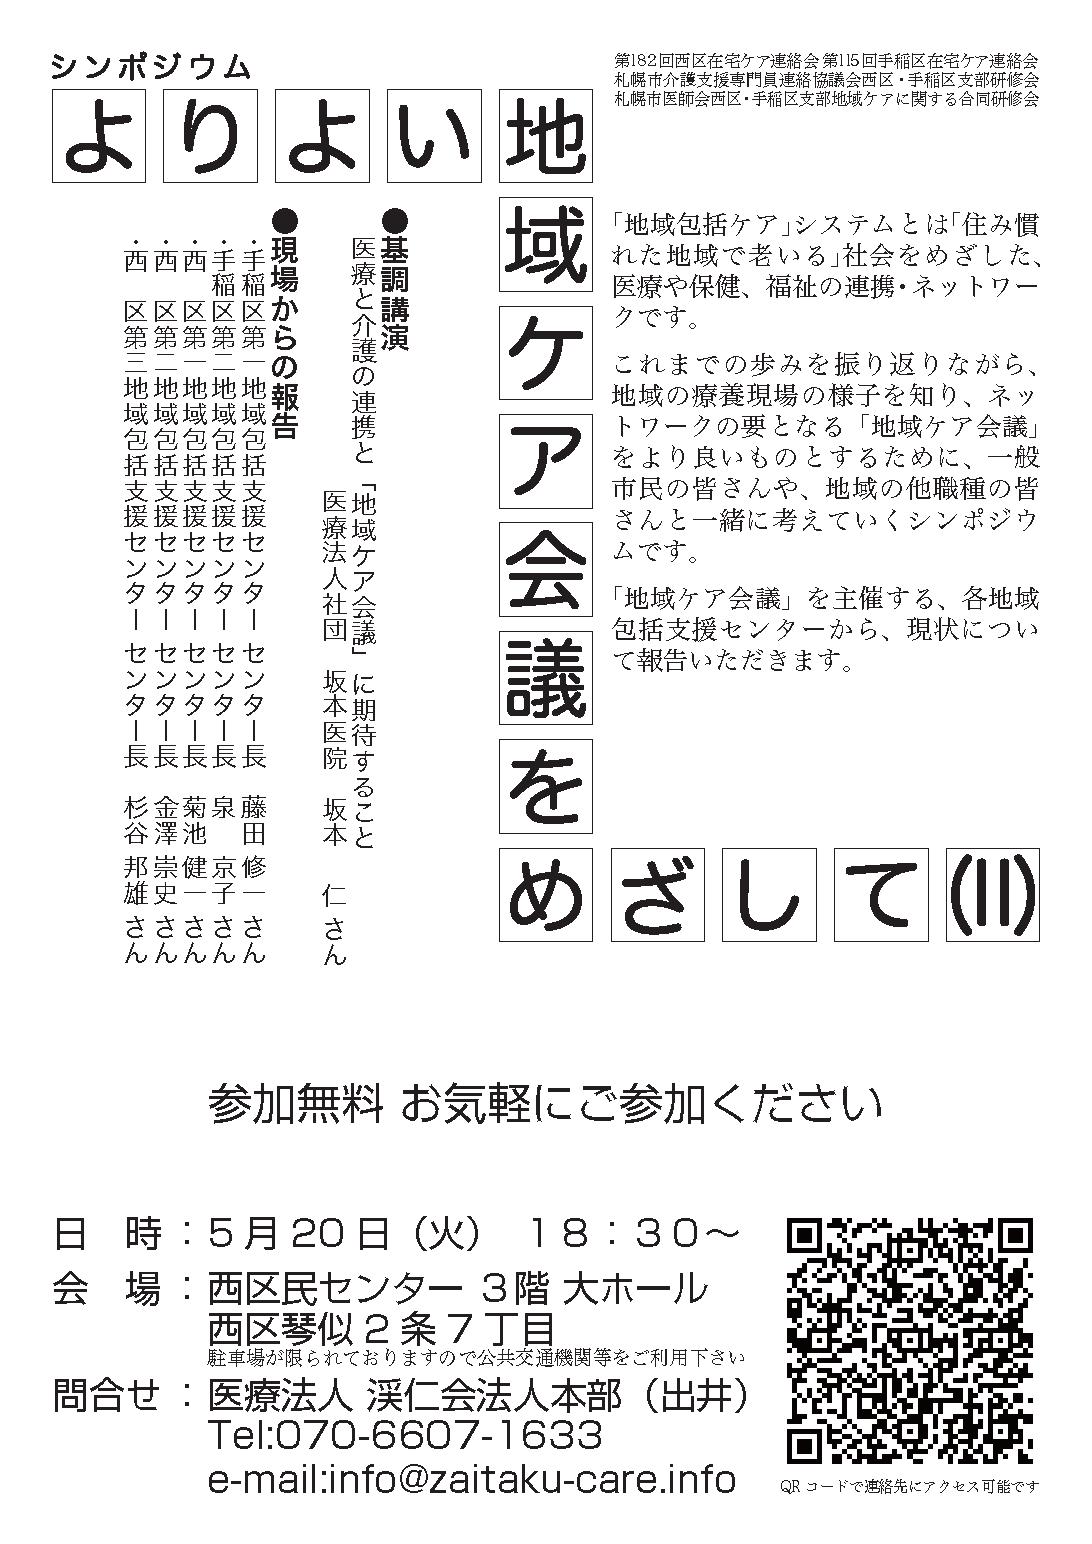 20140520ケア連シンポ